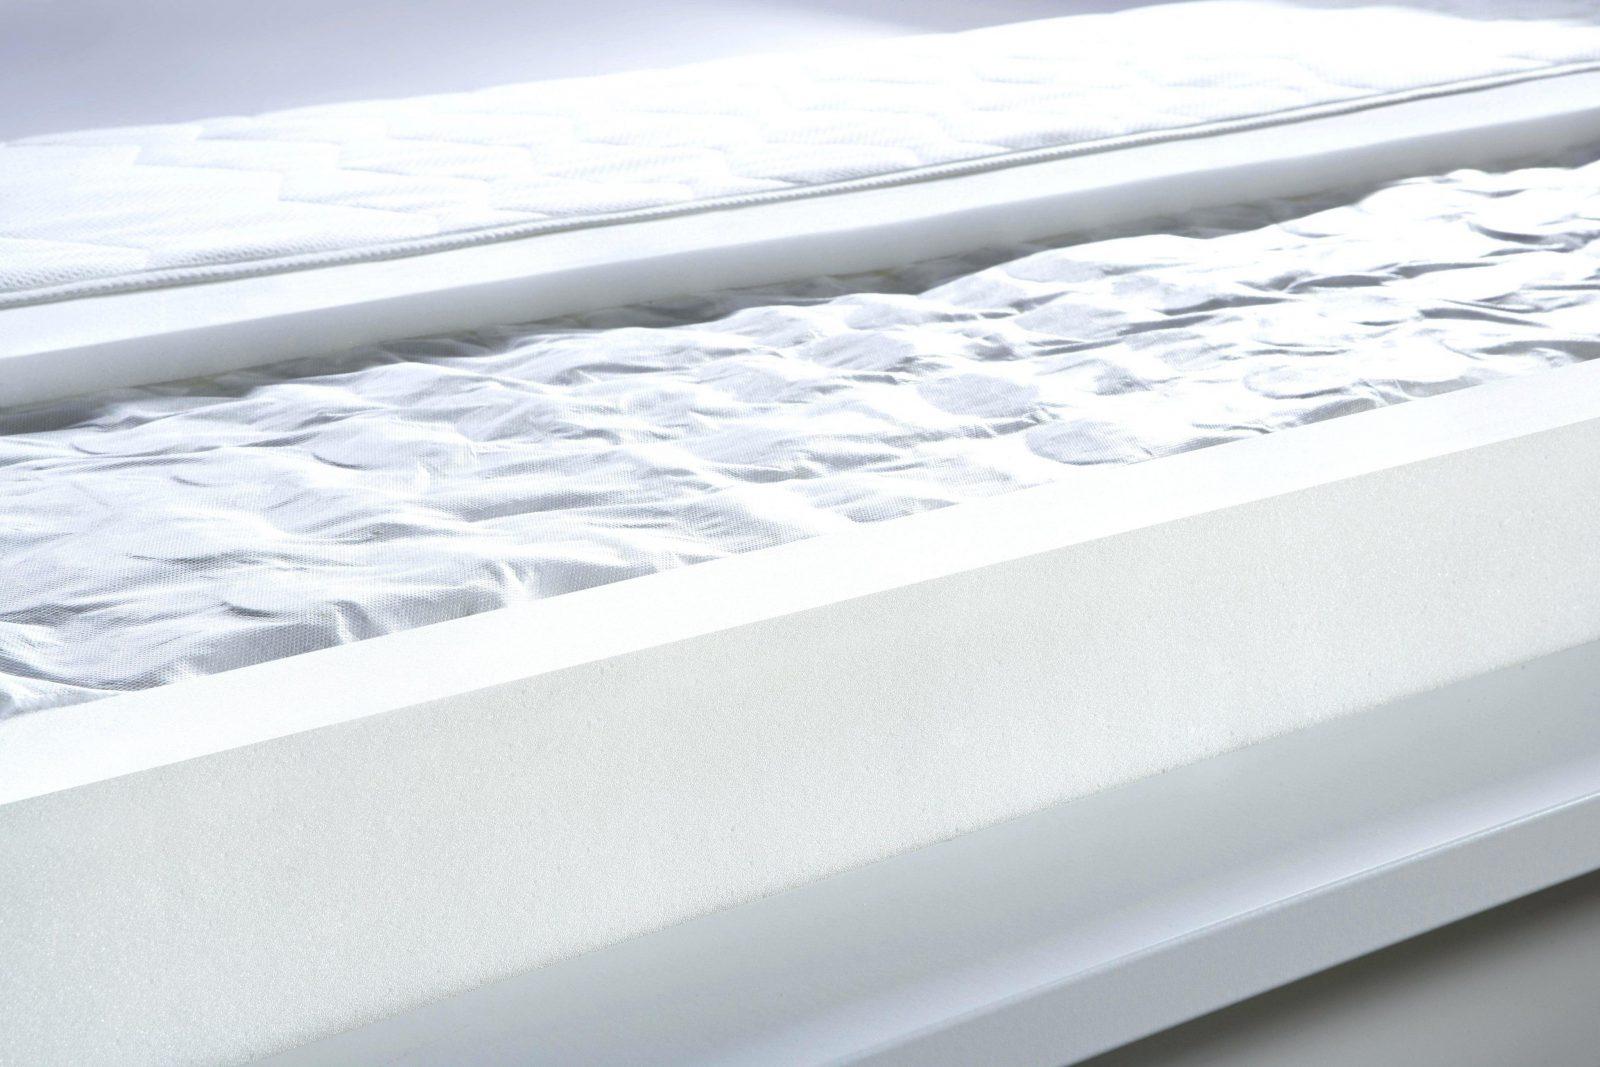 Taschenfederkernmatratze Taschenfederkernmatratzen Test 2014 Ikea von Ikea Matratzen Test 2015 Bild